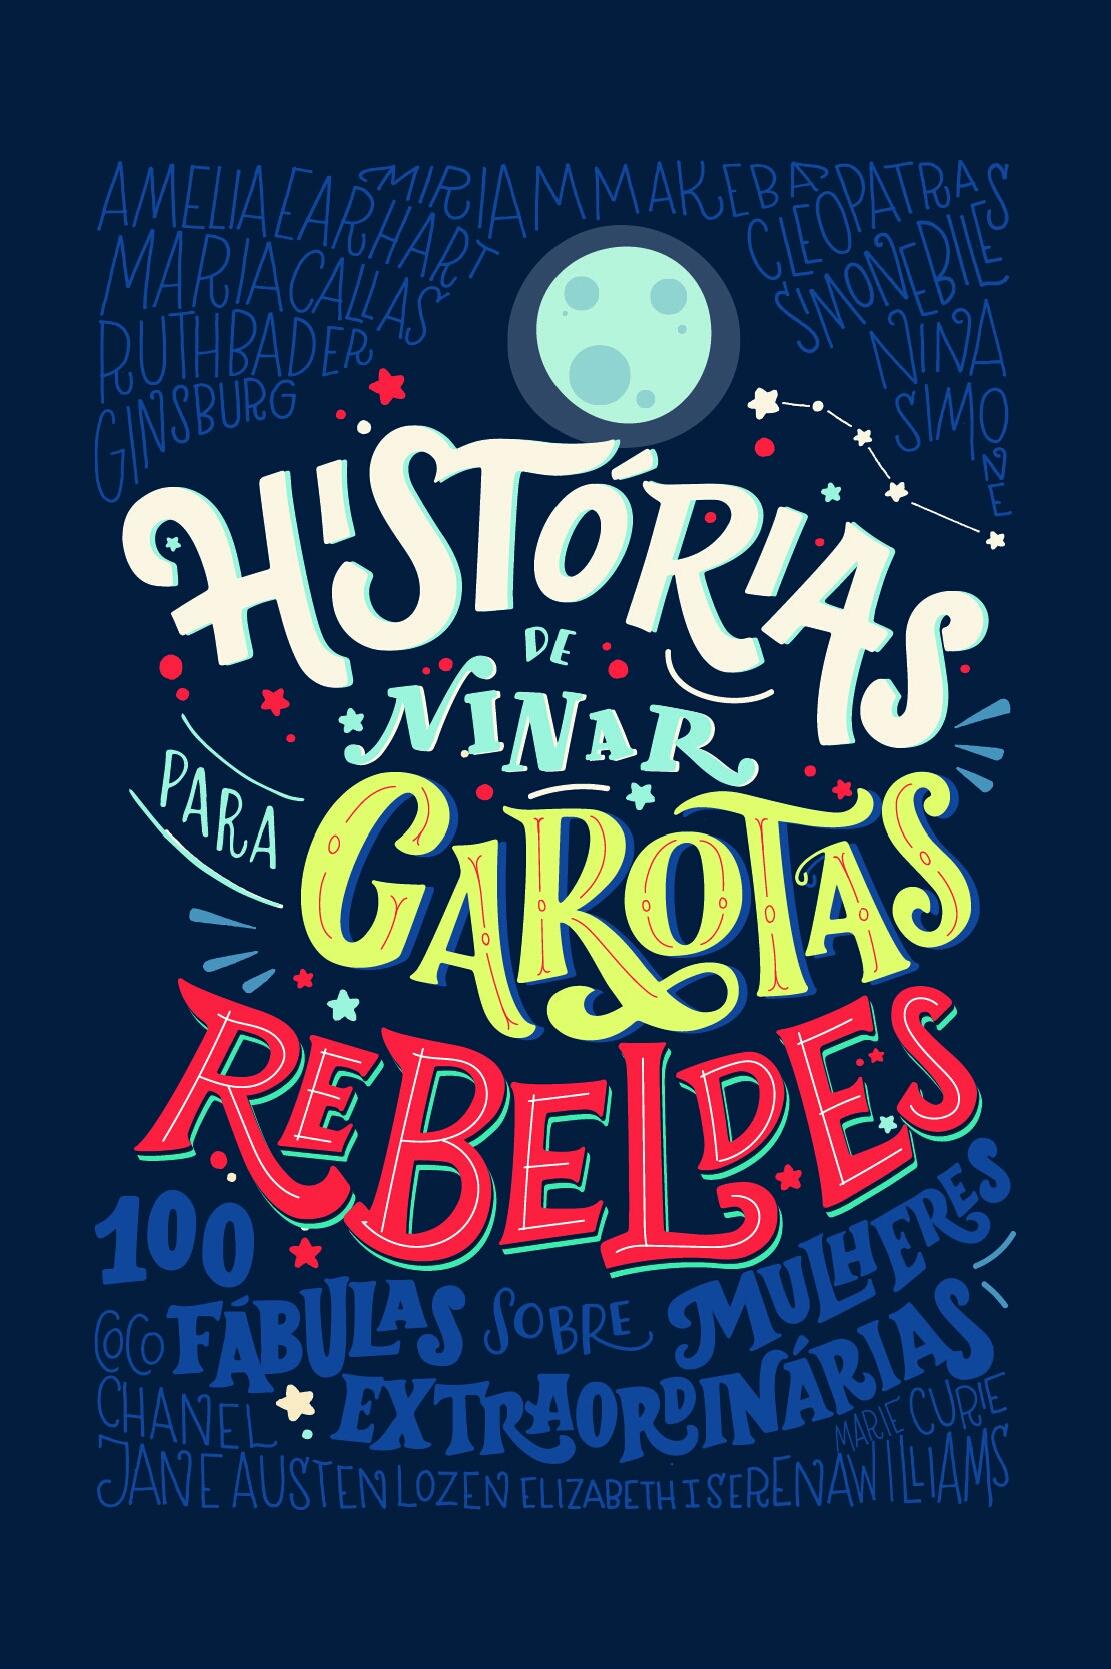 Histórias-de-ninar-para-garotas-rebeldes